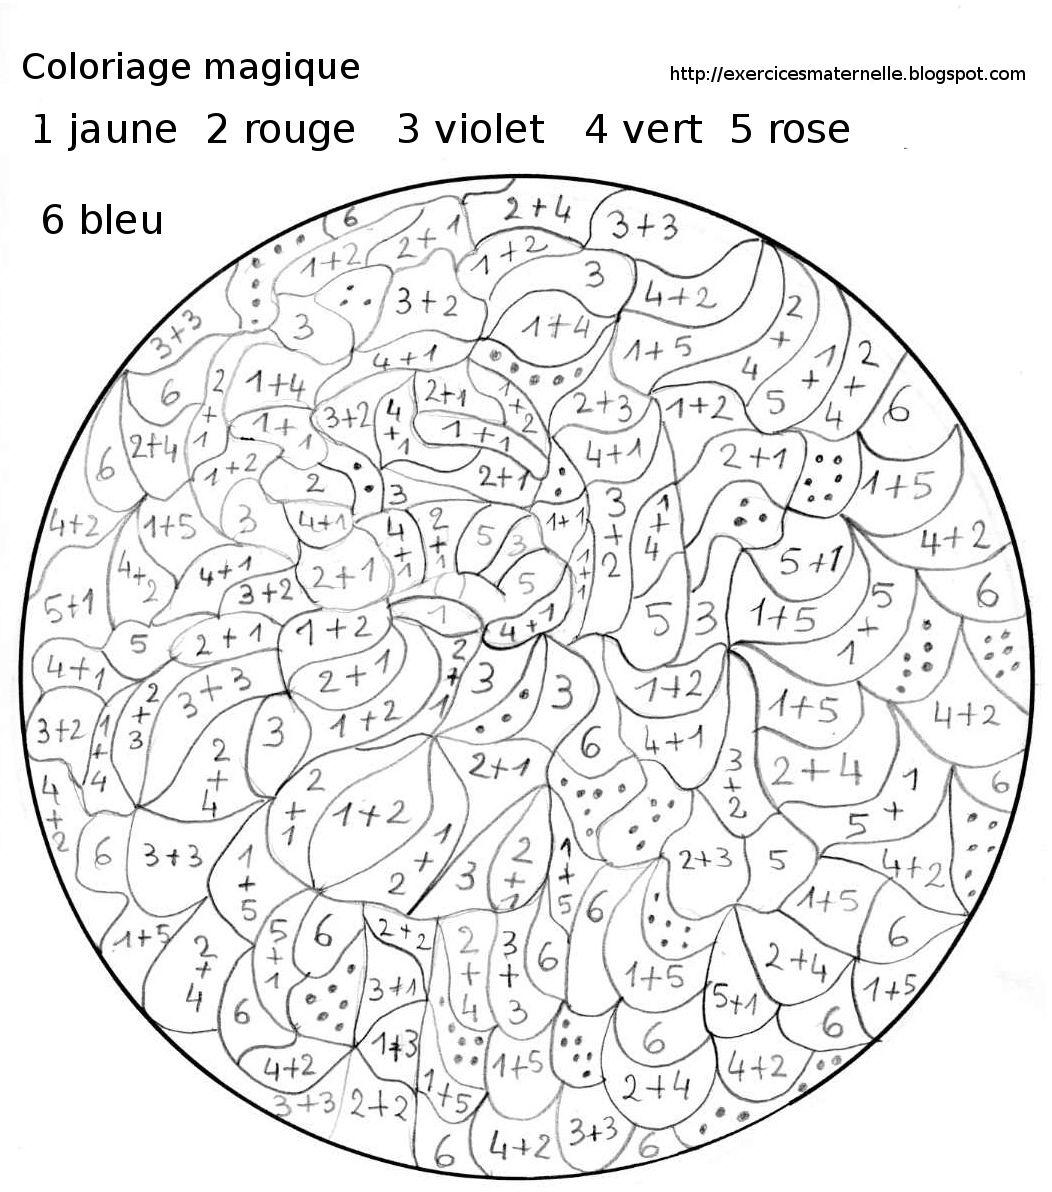 23 dessins de coloriage Magique Ce23 à imprimer  Color by numbers